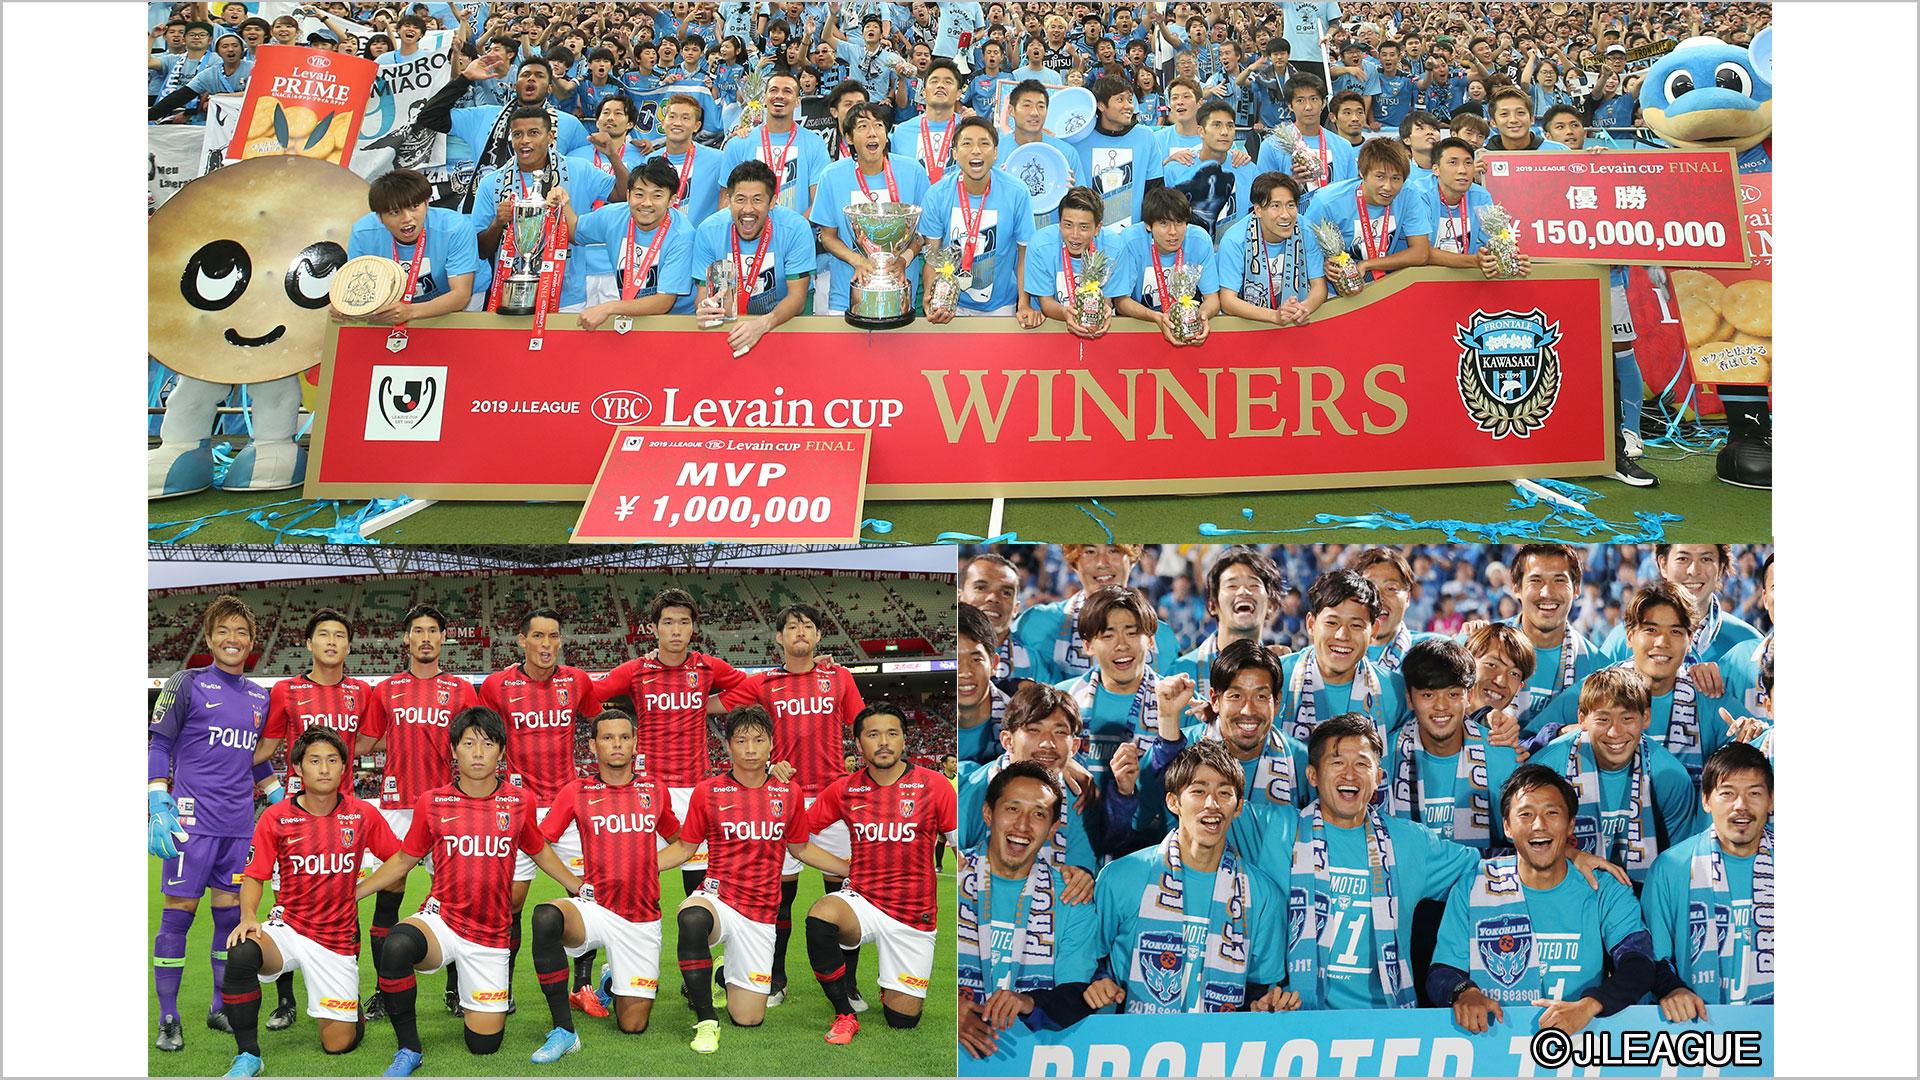 2020 JリーグYBCルヴァンカップ グループステージ 第2節 Aグループ 鹿島アントラーズ vs 川崎フロンターレ